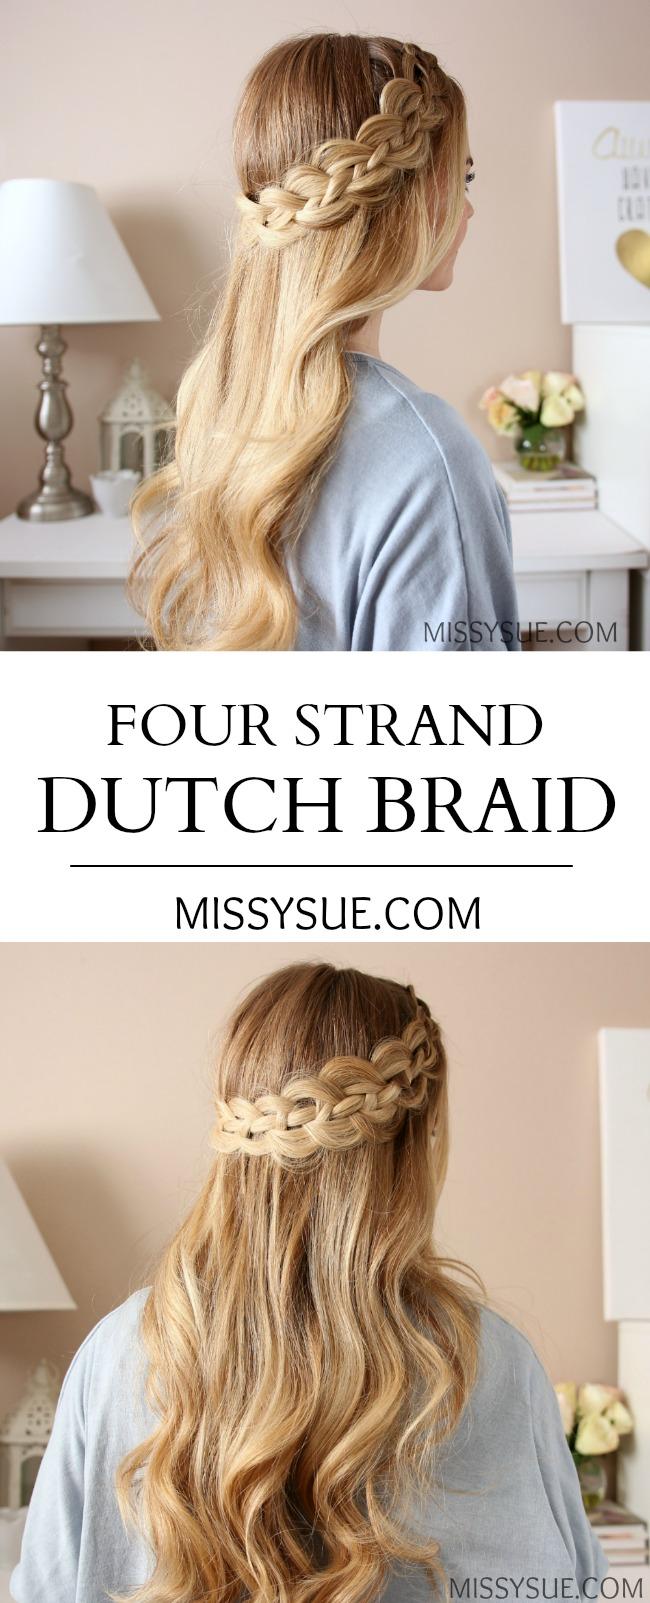 Four Strand Dutch Braid